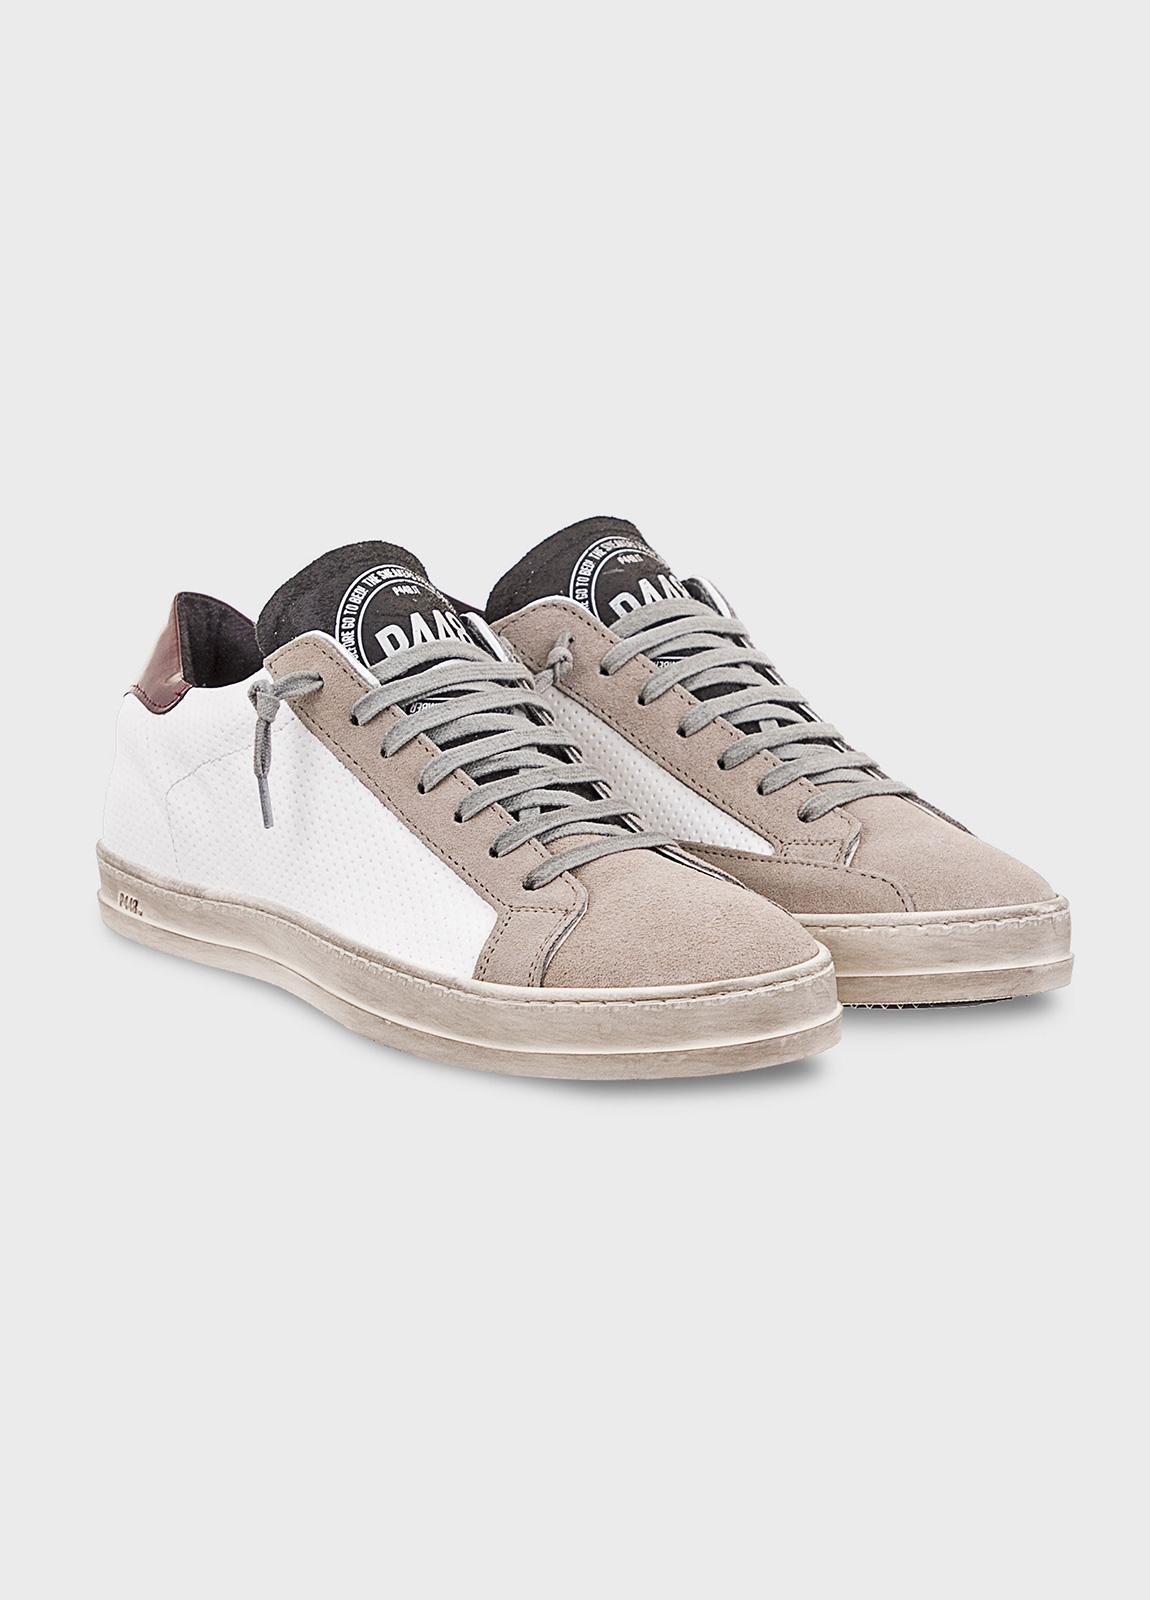 Calzado sport modelo JOHNMX color blanco con detalle granate. Combinación de piel perforada y serraje. - Ítem2